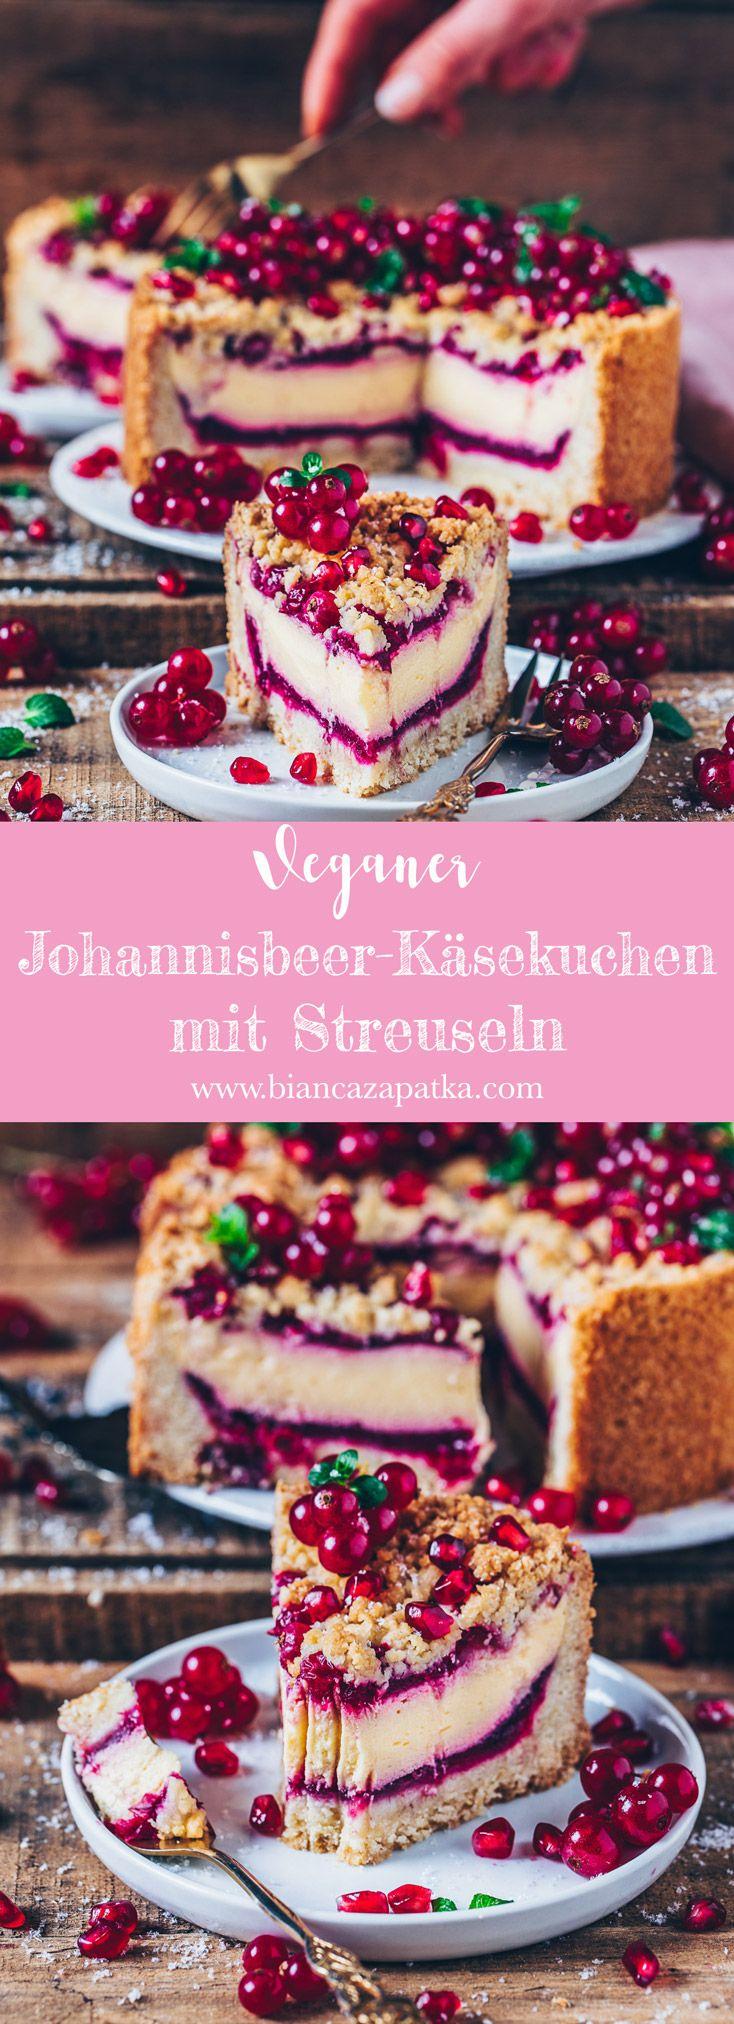 Johannisbeer-Käsekuchen mit Streuseln (vegan) - Bianca Zapatka | Rezepte #vegancookiedough